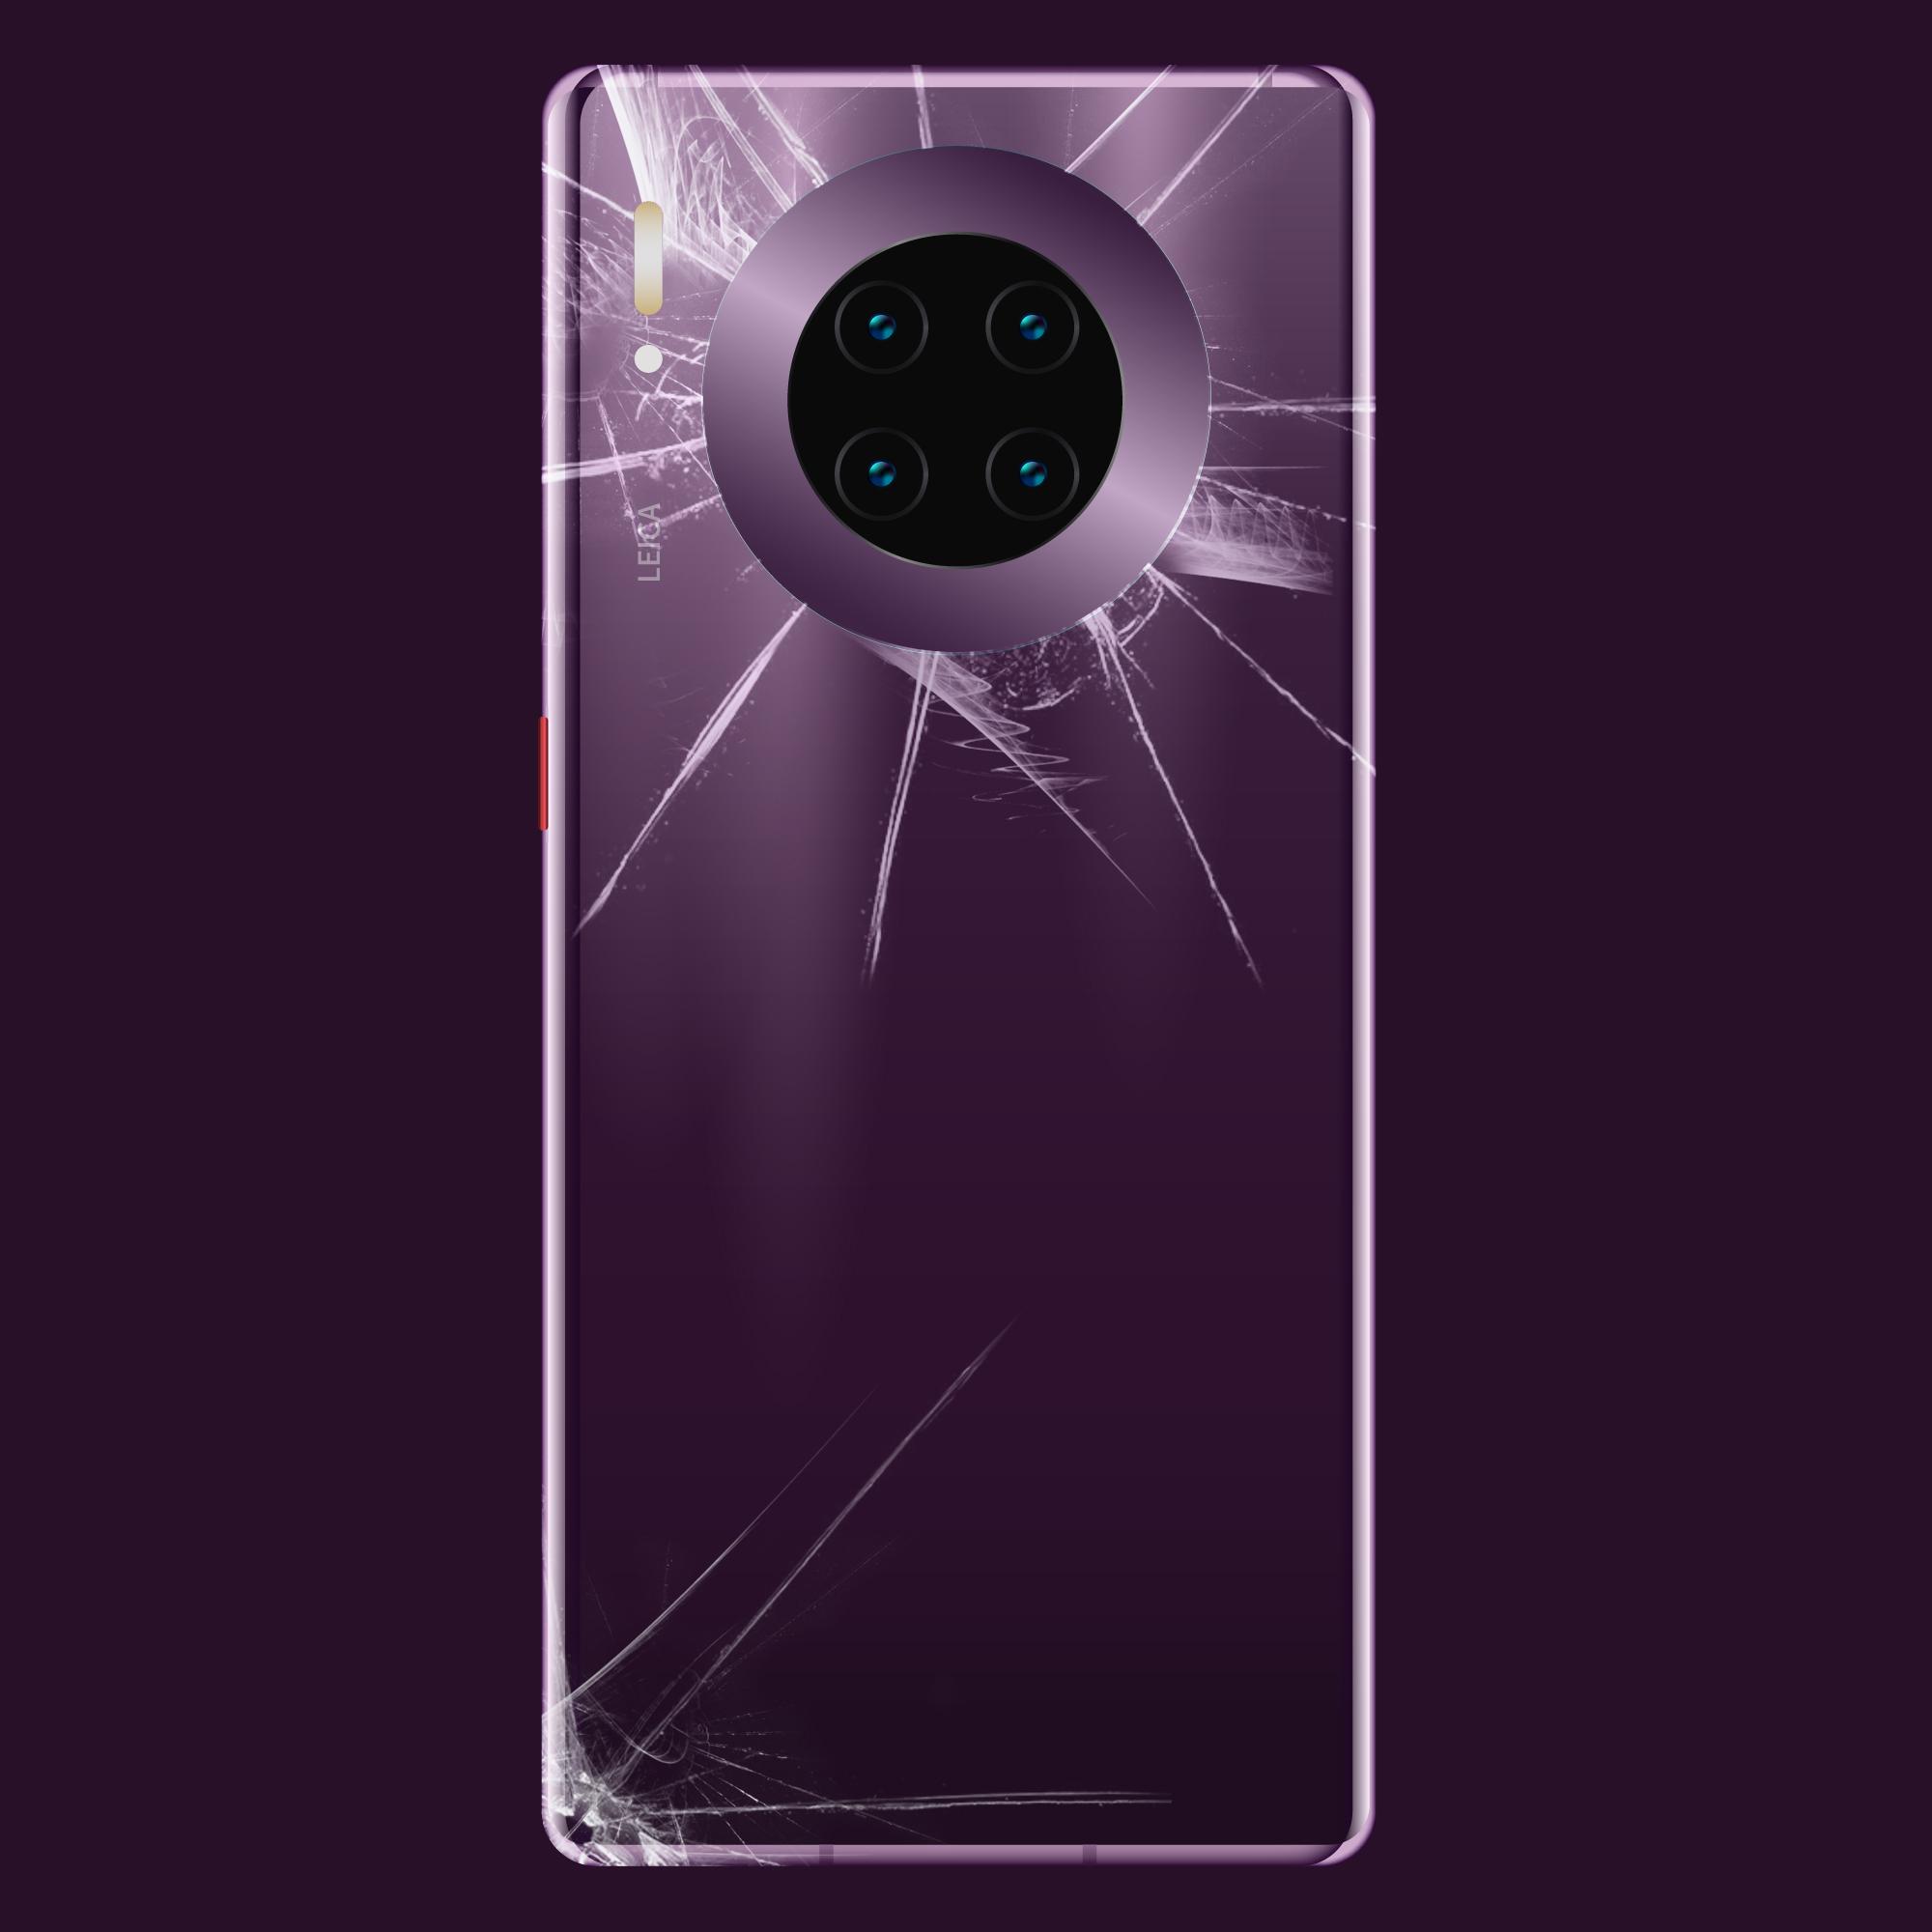 手机后壳碎掉了.jpg